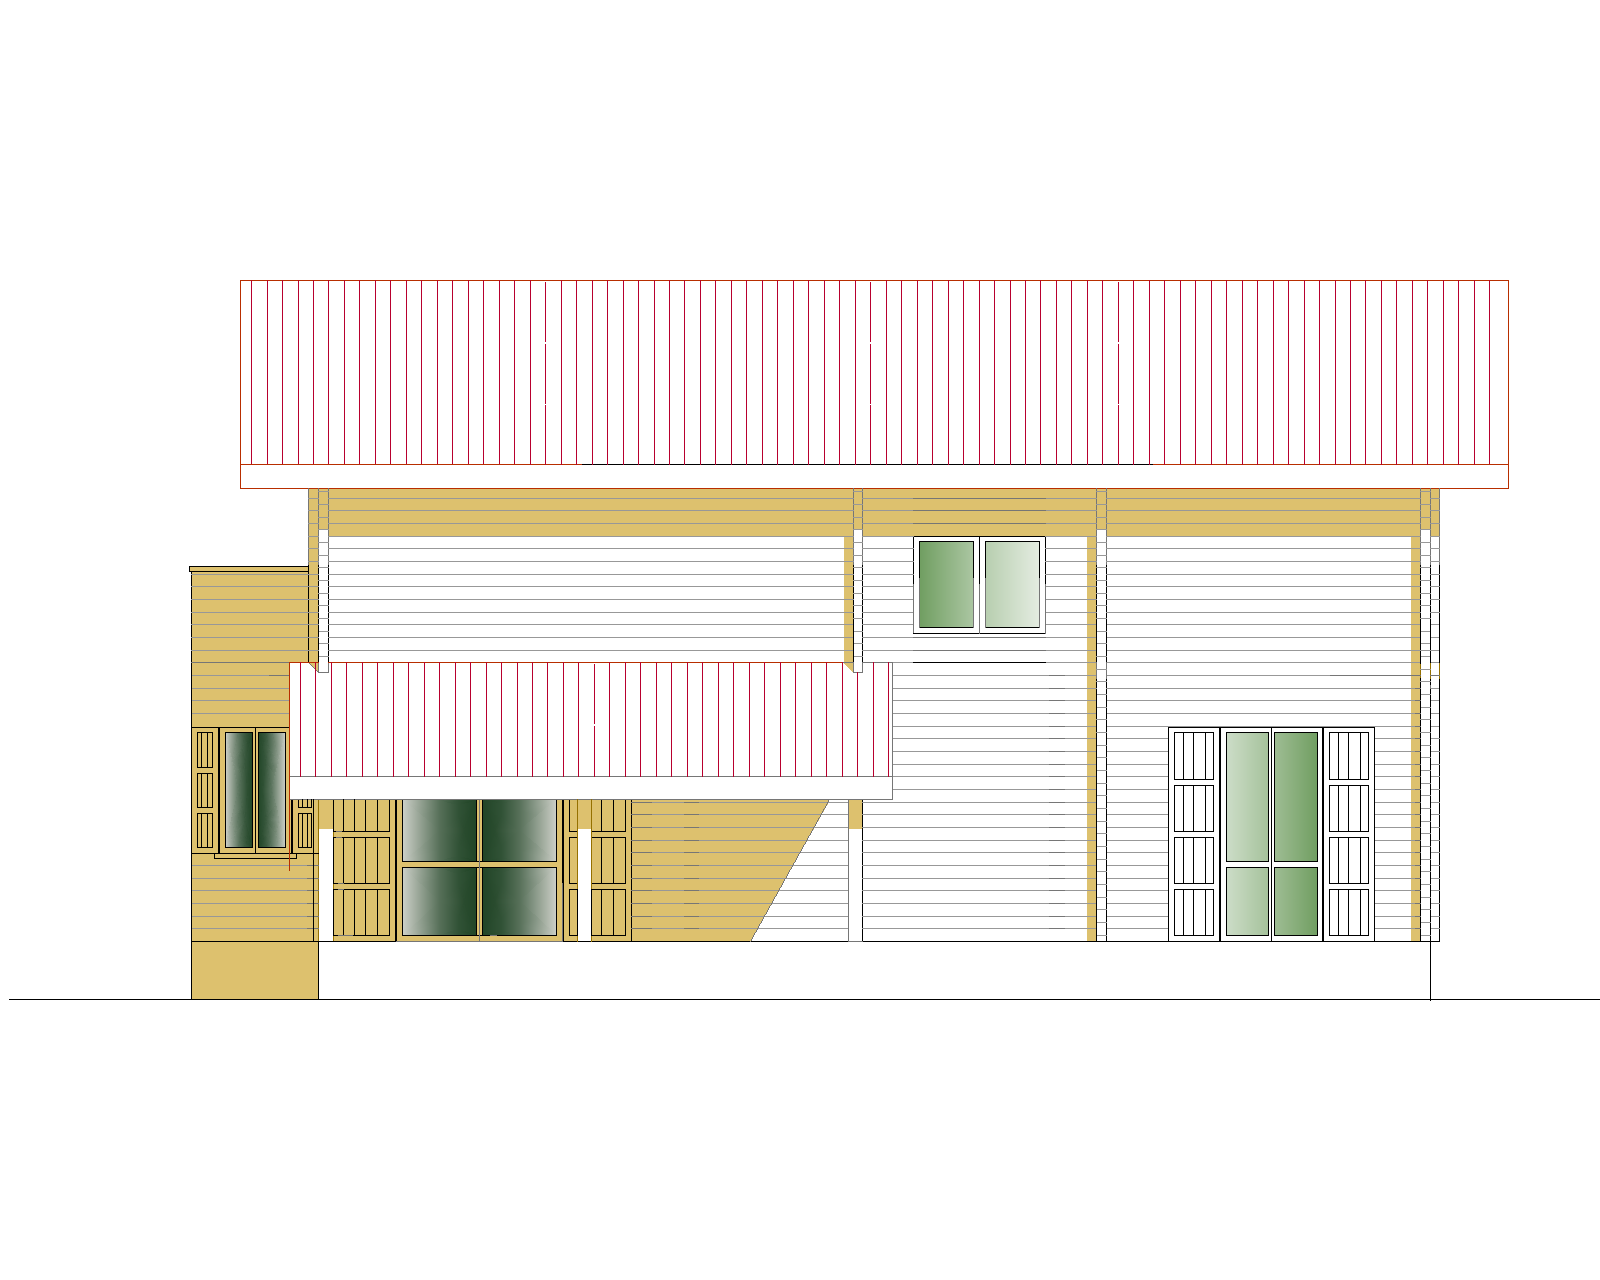 Progetti di case in legno casa 214 mq terrazza coperta for Progetti di piani portico proiettati